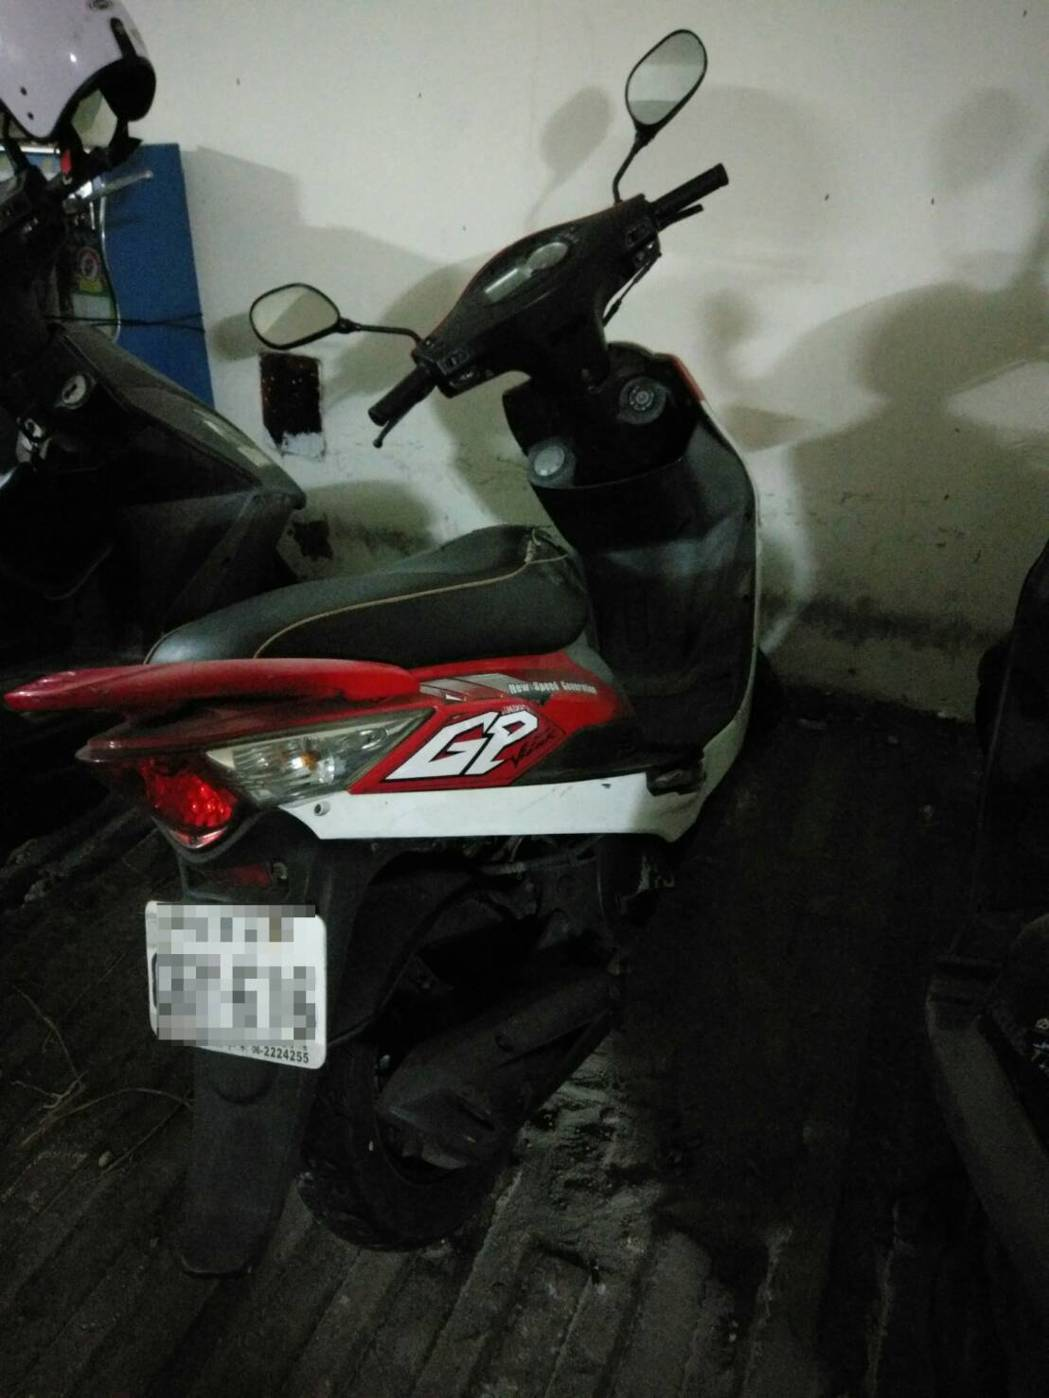 王男拒絕酒測,警方將摩托車移置保管。記者劉星君/翻攝